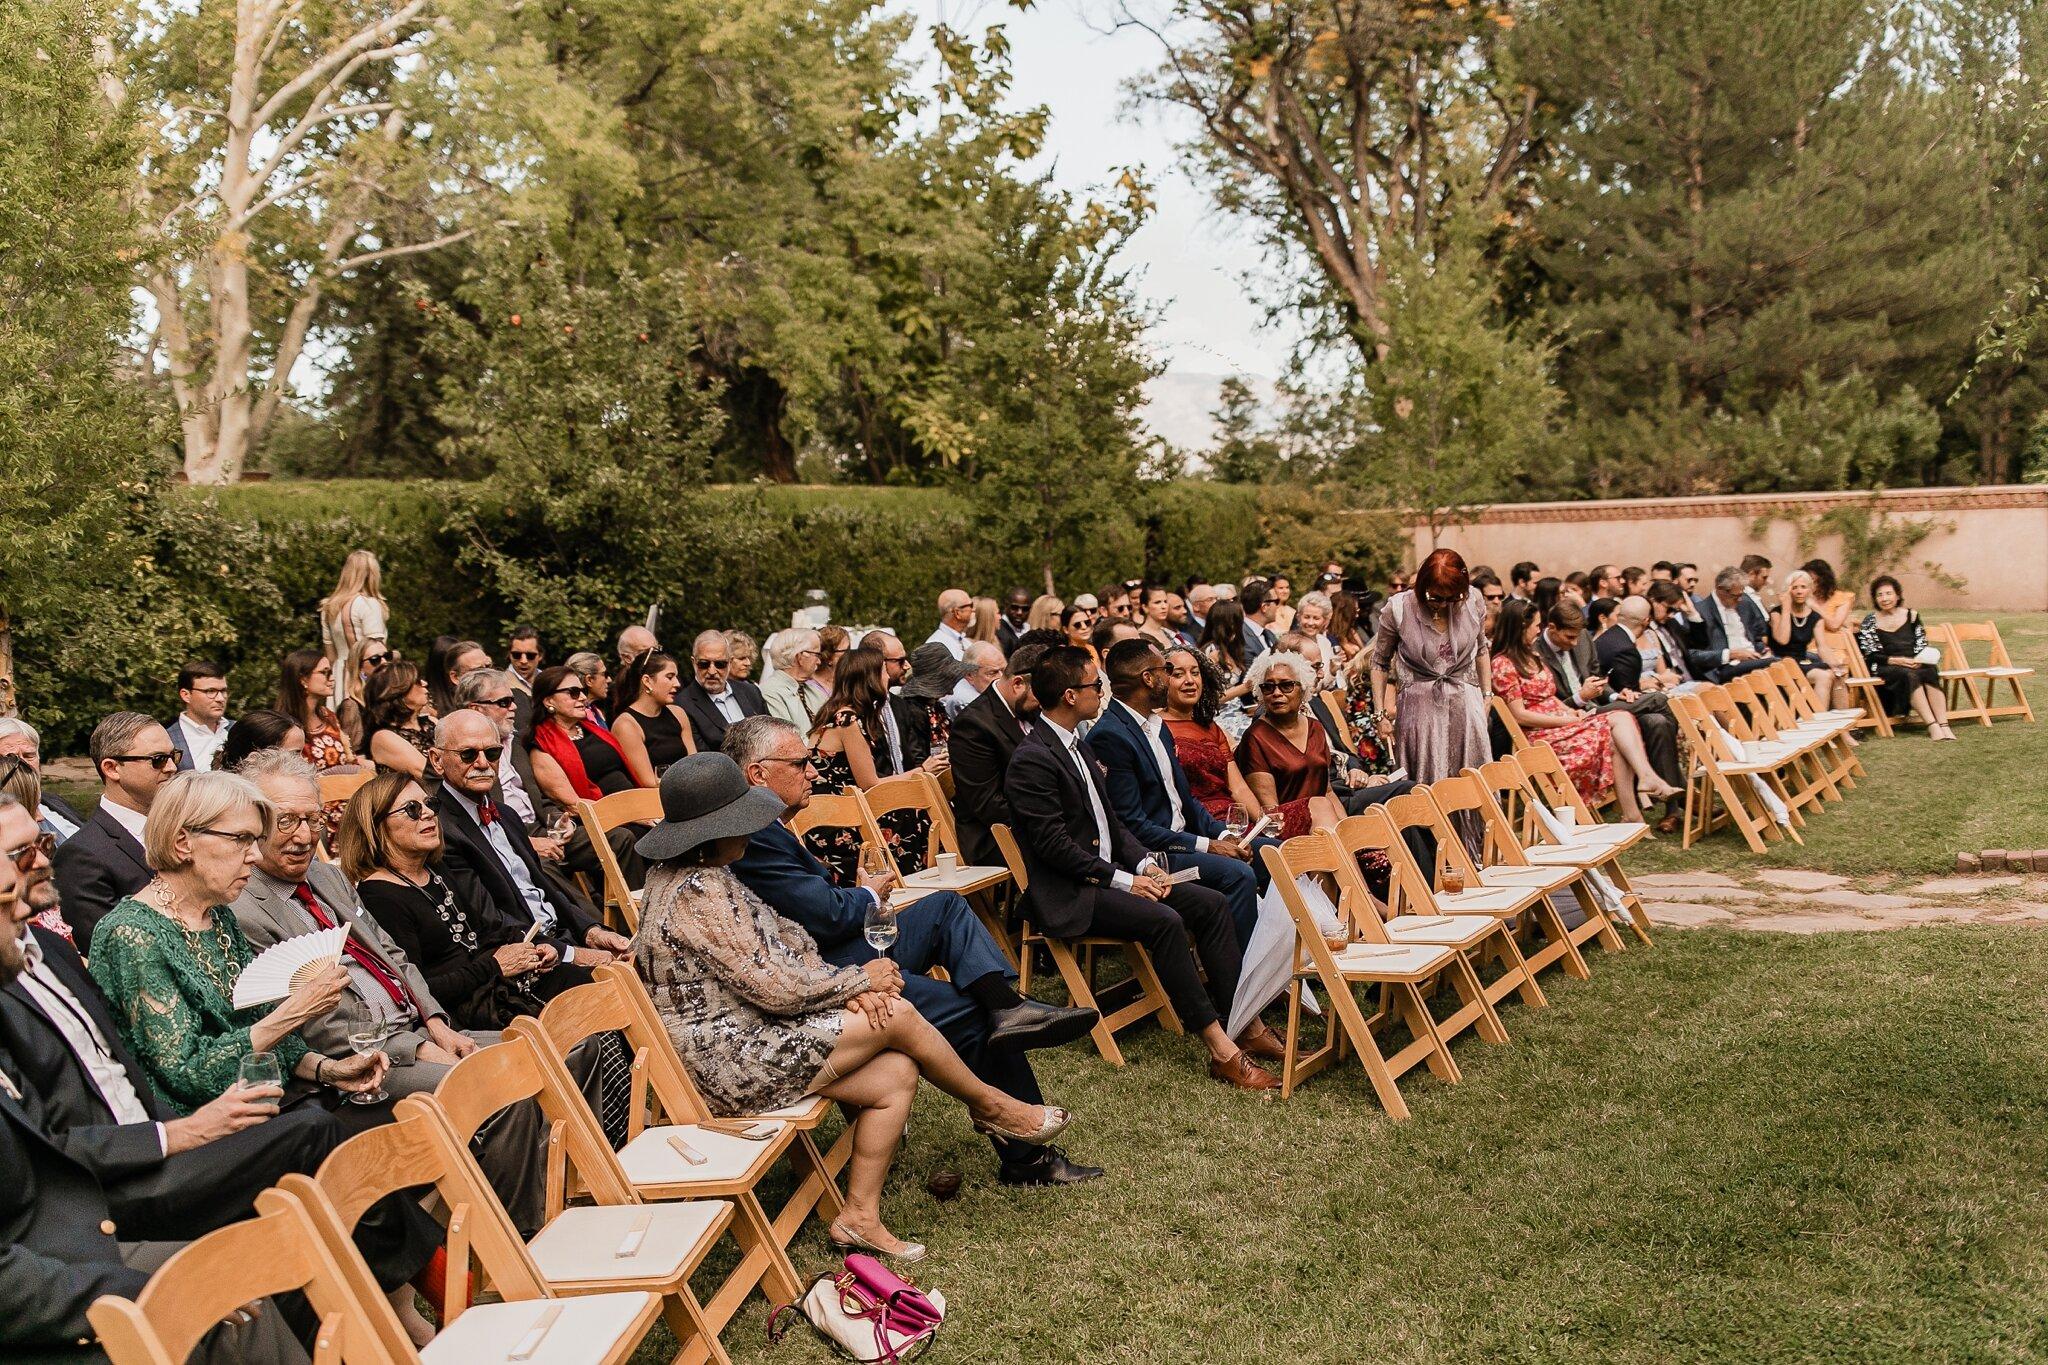 Alicia+lucia+photography+-+albuquerque+wedding+photographer+-+santa+fe+wedding+photography+-+new+mexico+wedding+photographer+-+new+mexico+wedding+-+wedding+-+albuquerque+wedding+-+los+poblanos+-+los+poblanos+wedding+-+fall+wedding_0048.jpg